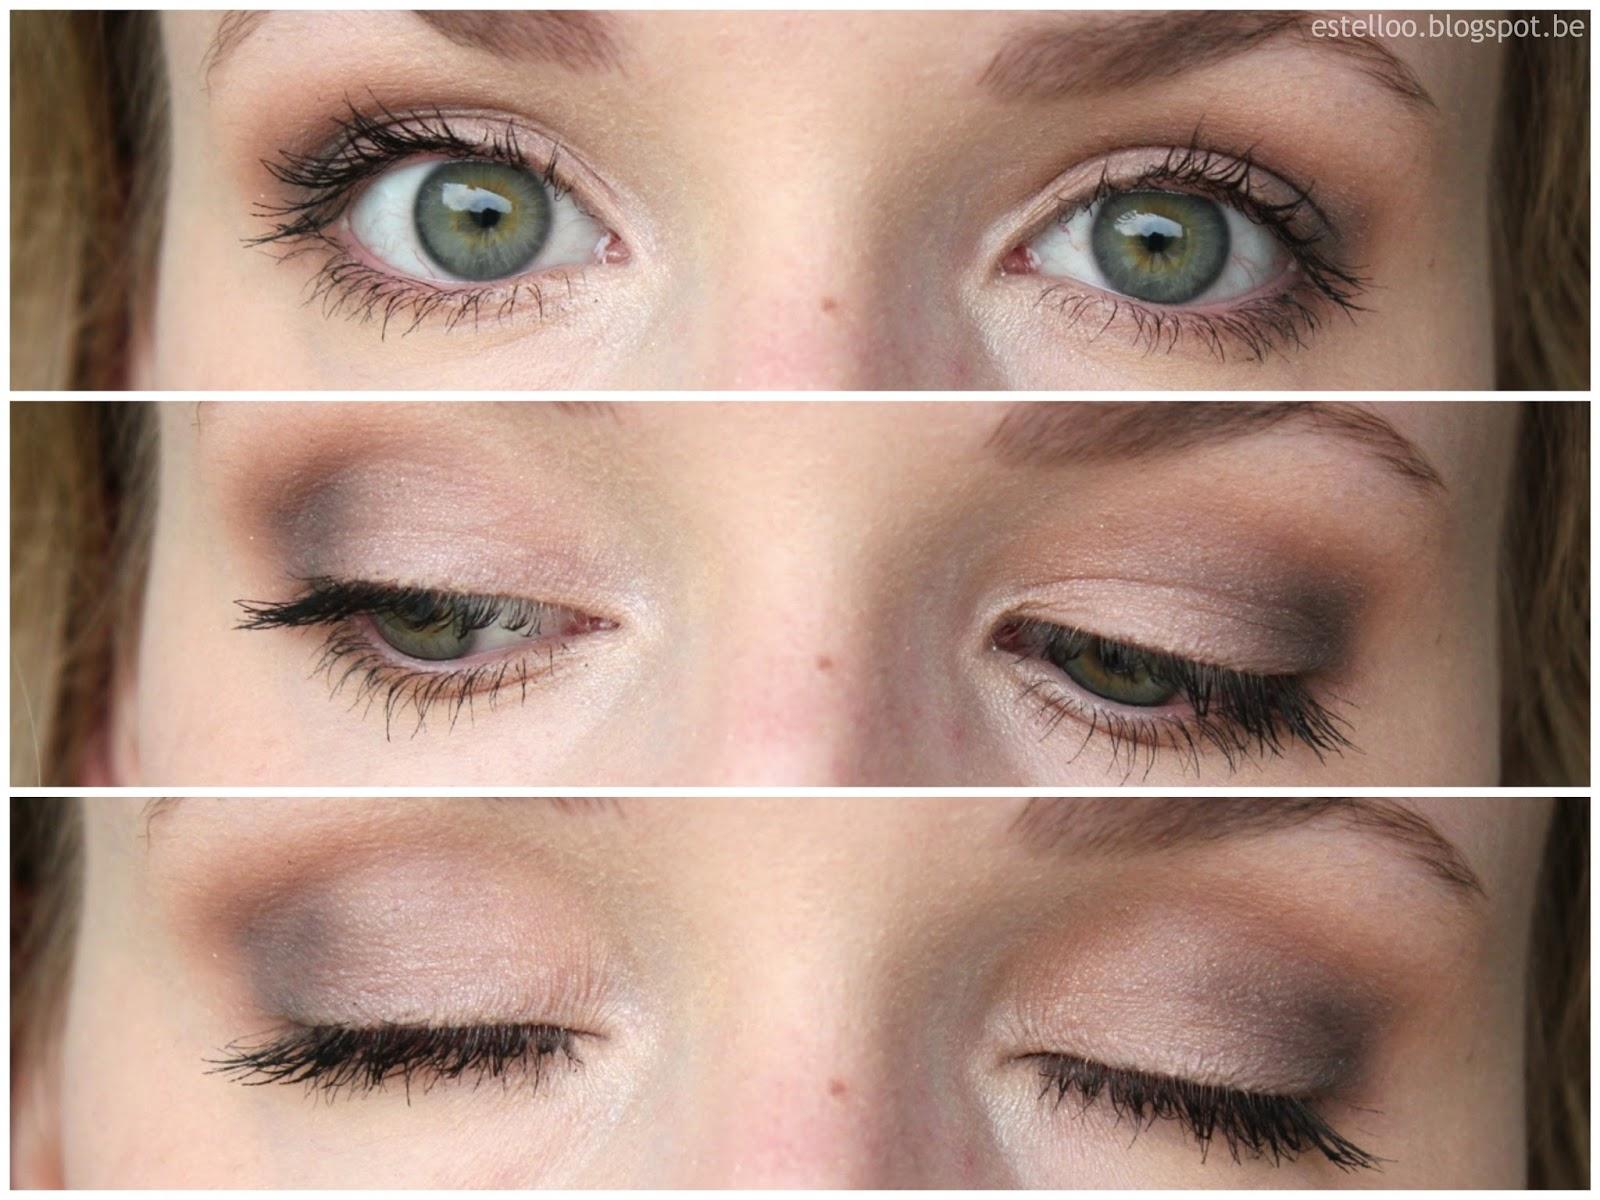 Fabuleux Du mat sur les yeux (léger smoky) et du M.A.C sur les lèvres  QT53